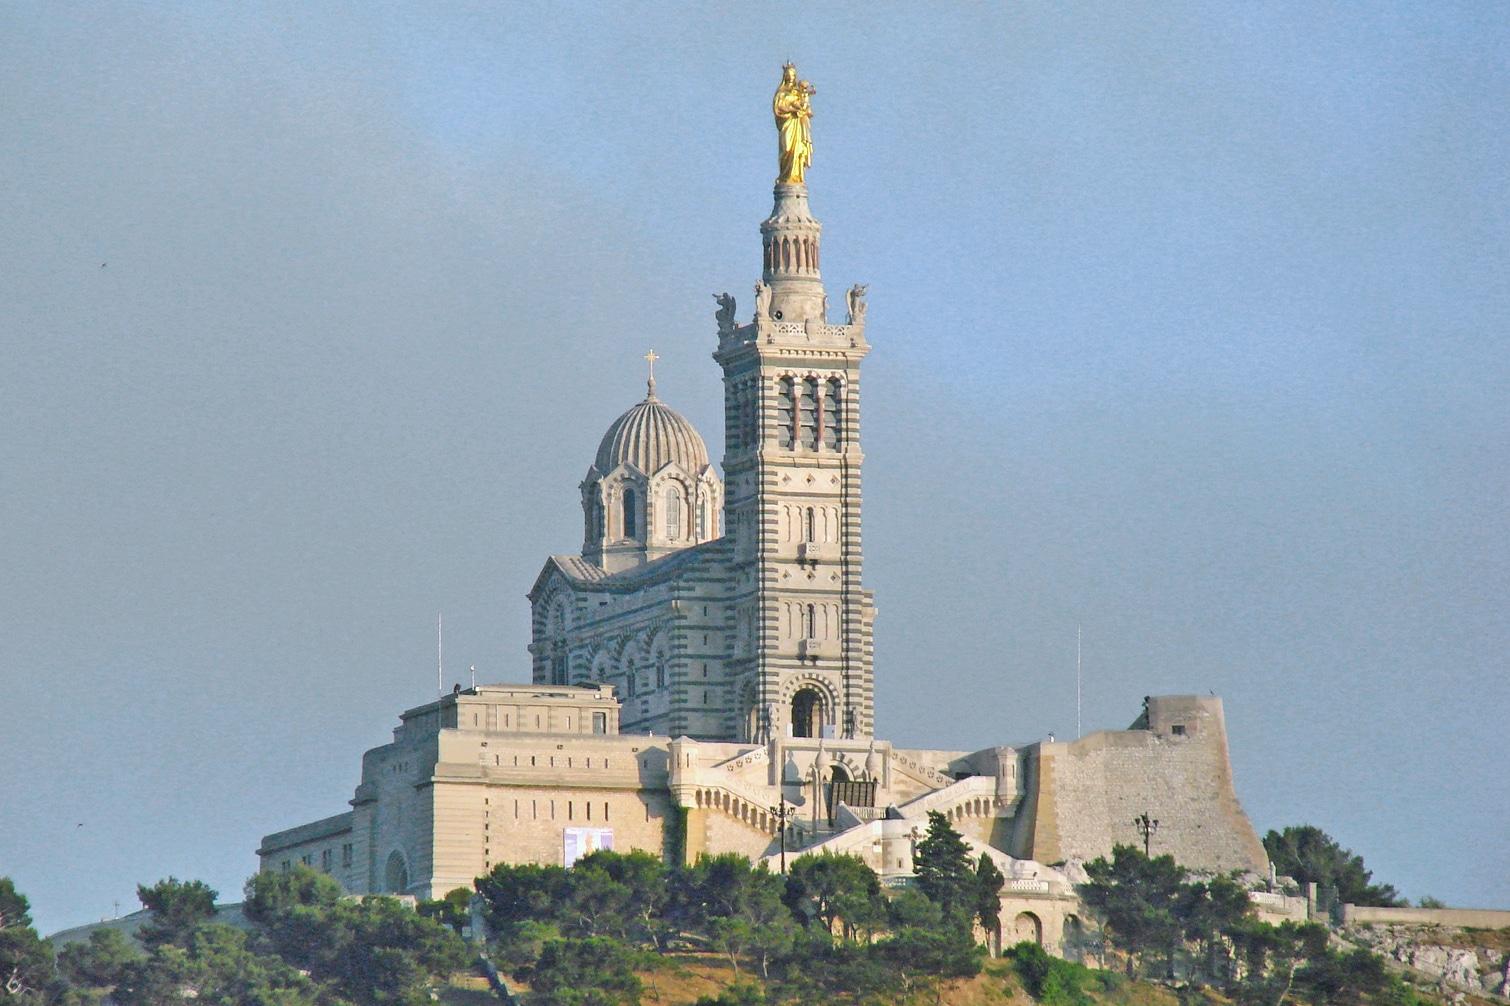 Basilica of Notre-Dame de la Garde